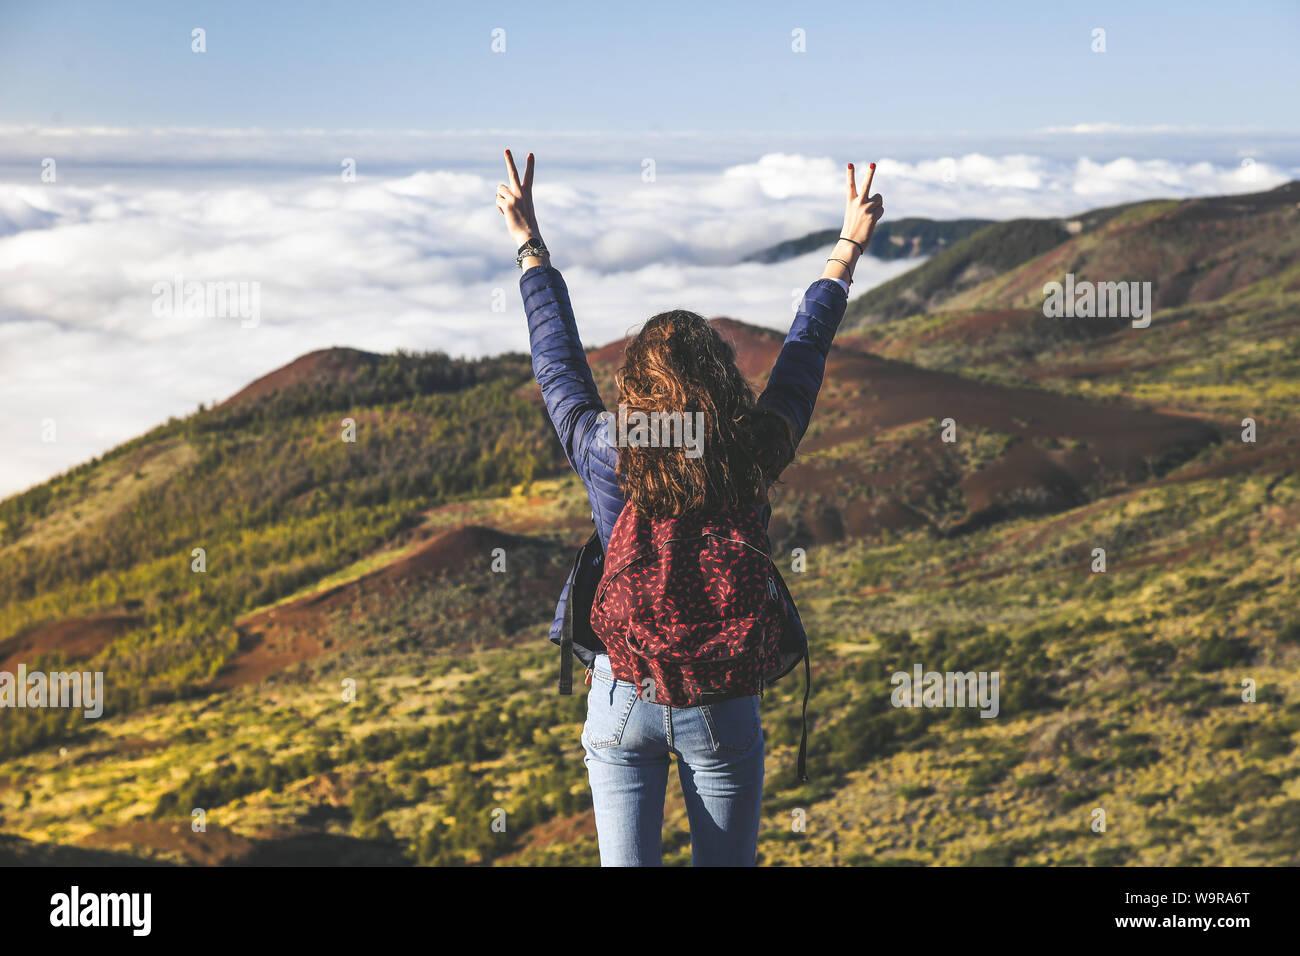 Adolescente con mochila y manos levantadas de pie en la cima de la montaña, con magníficas vistas al mar y bosque de nubes. Volcán Teide, Tenerife, España. Ad Foto de stock